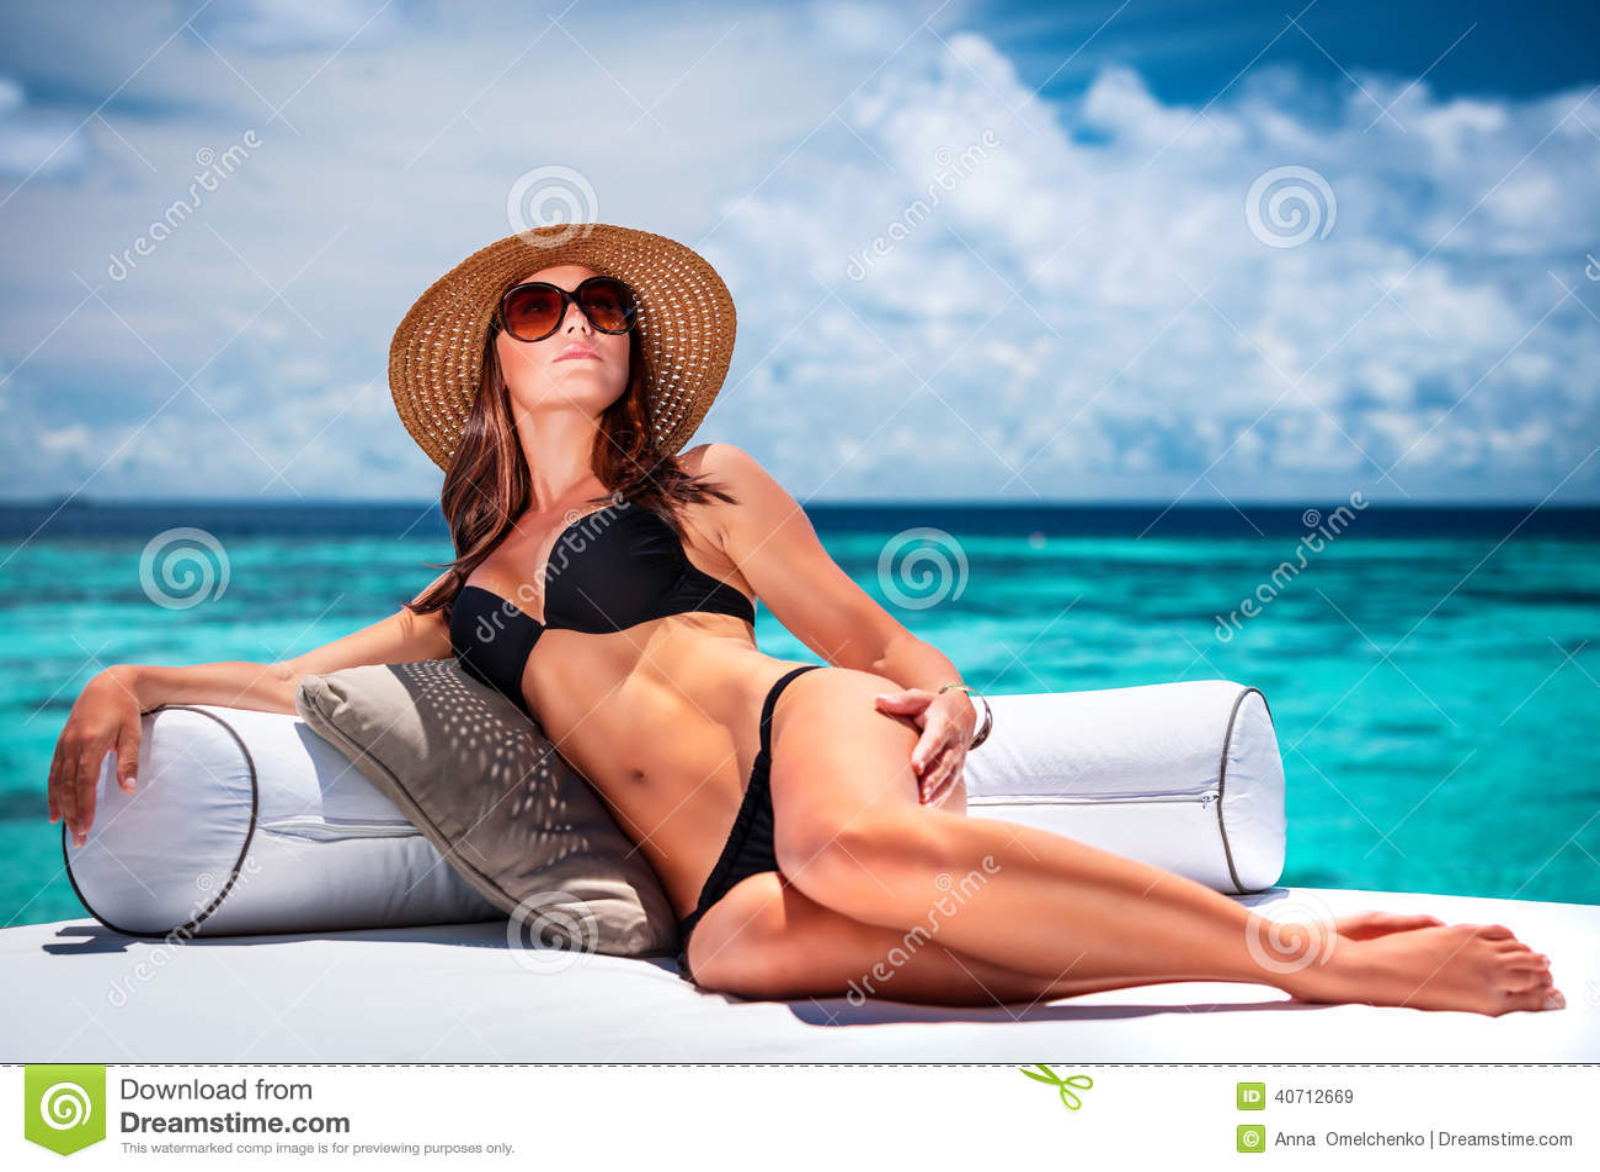 Фото девушек на пляже в очках 15 фотография